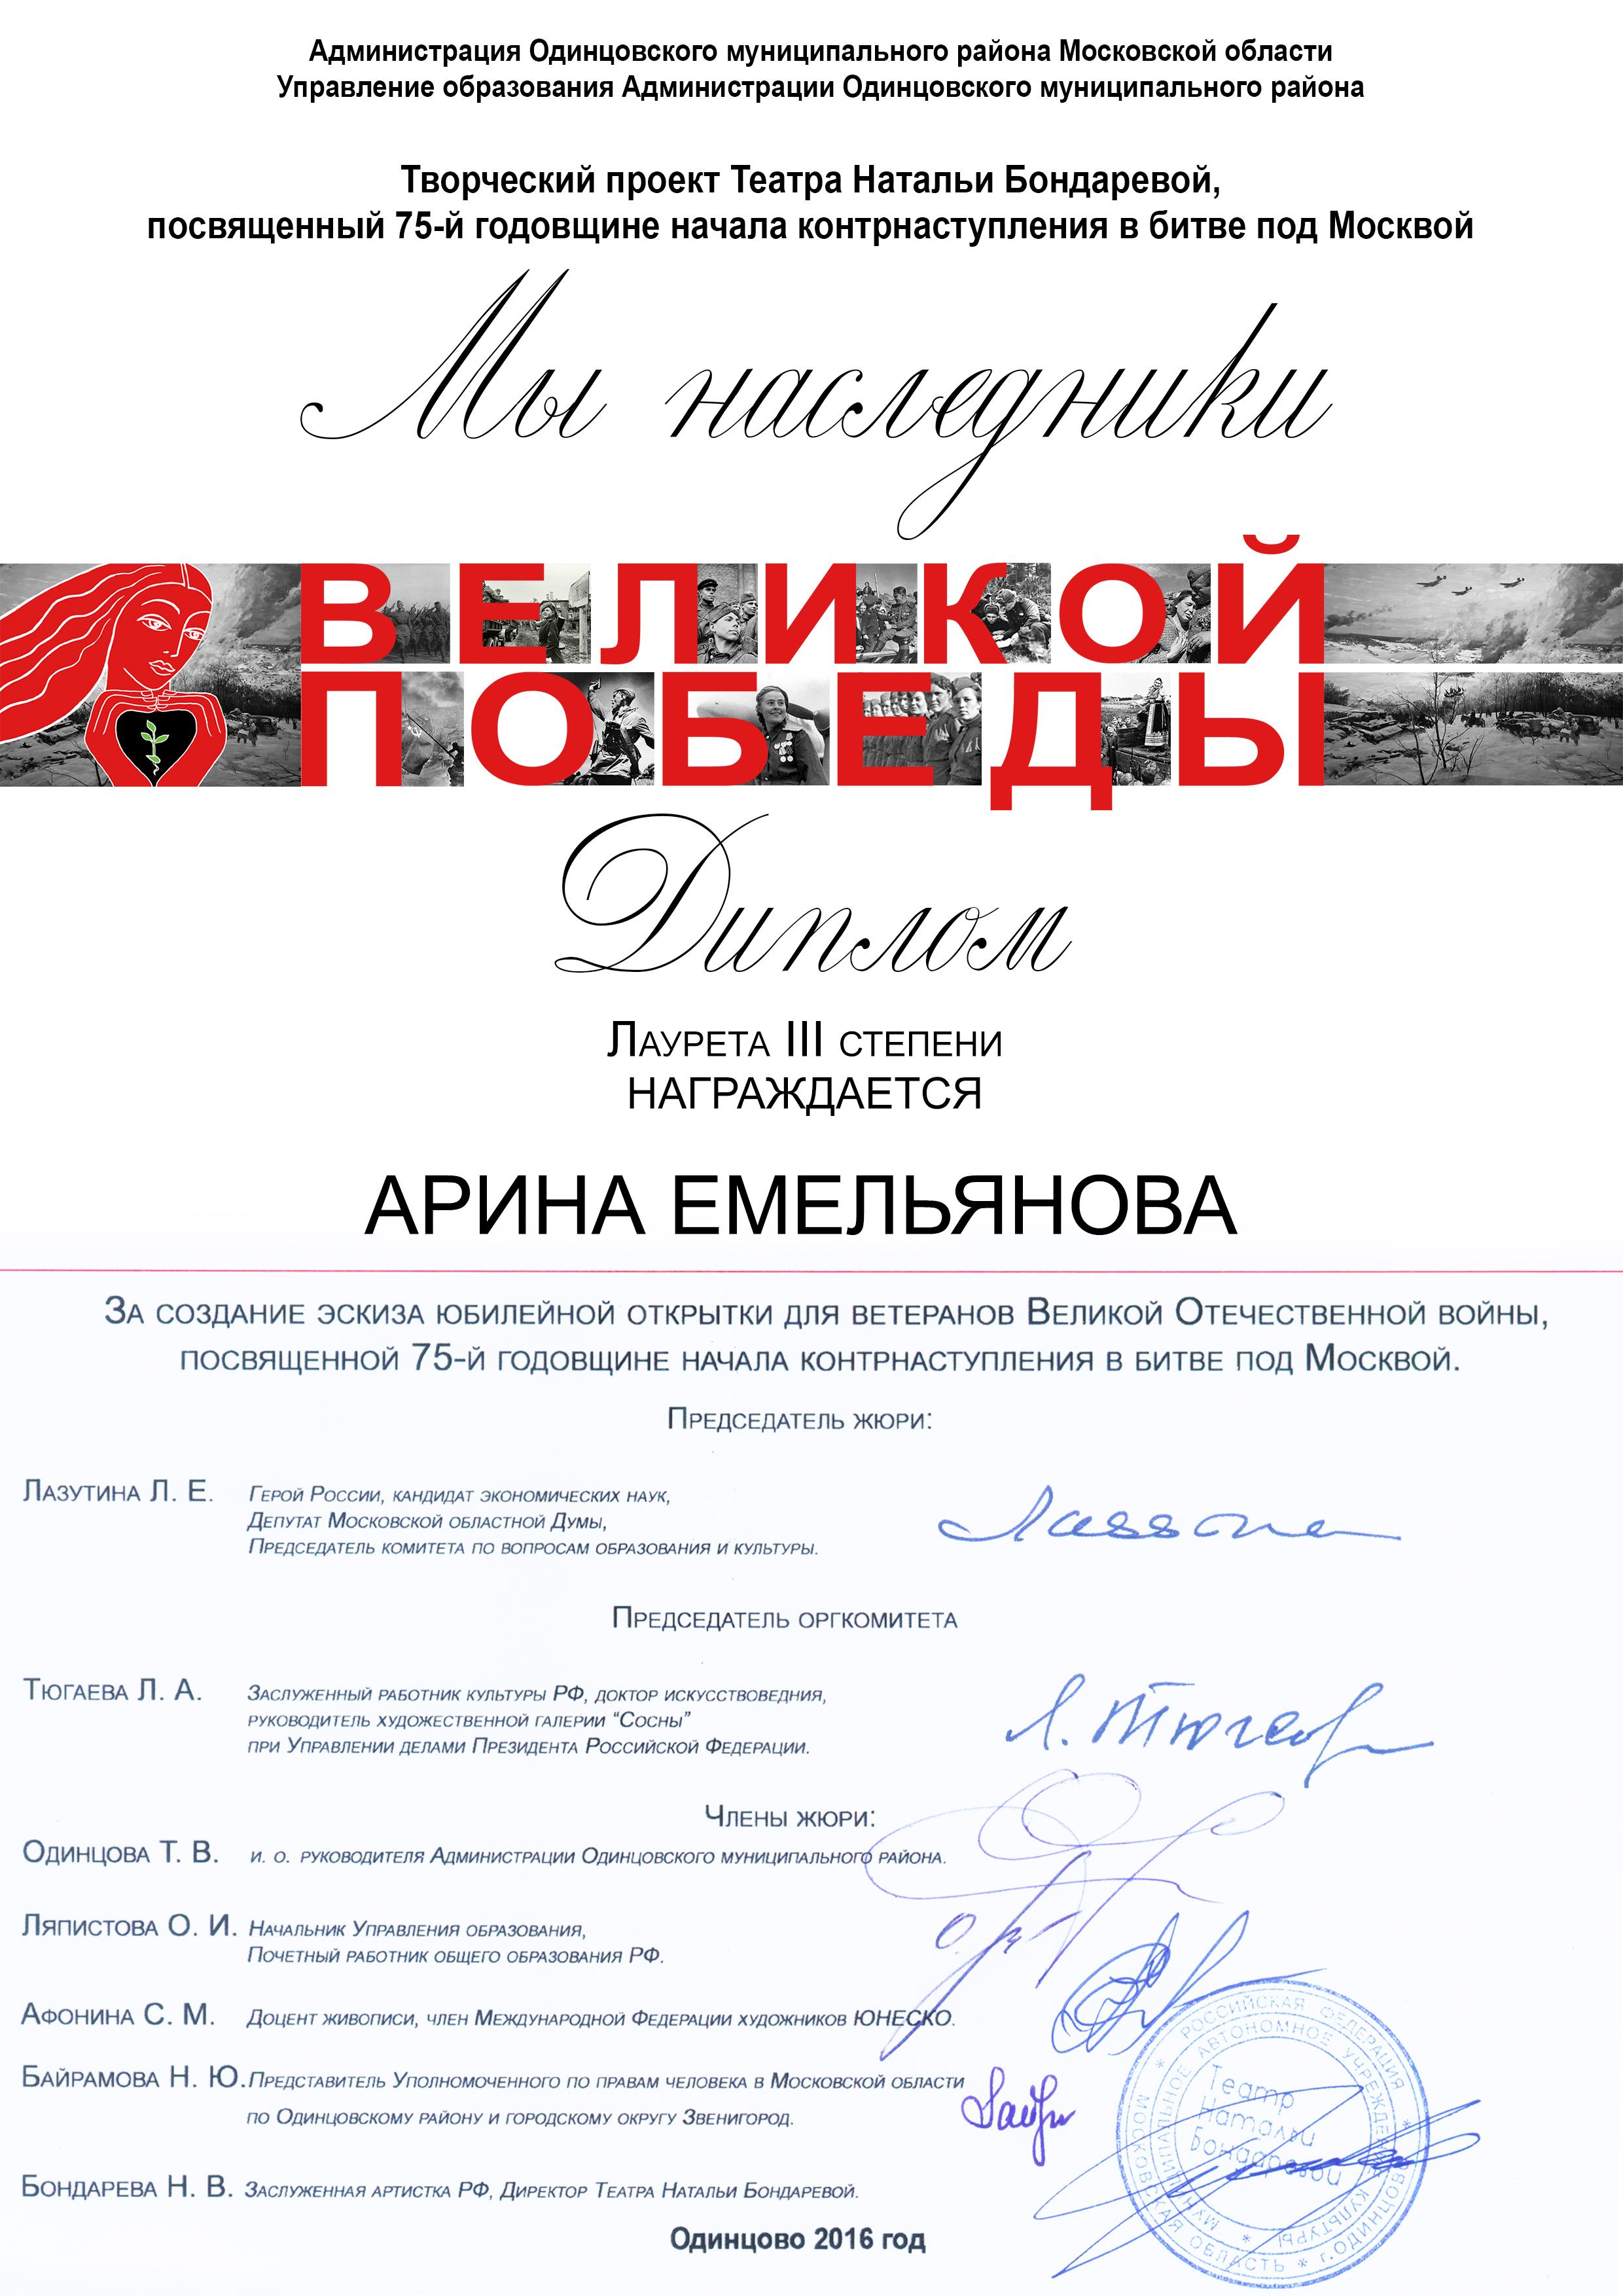 Арина Емельянова